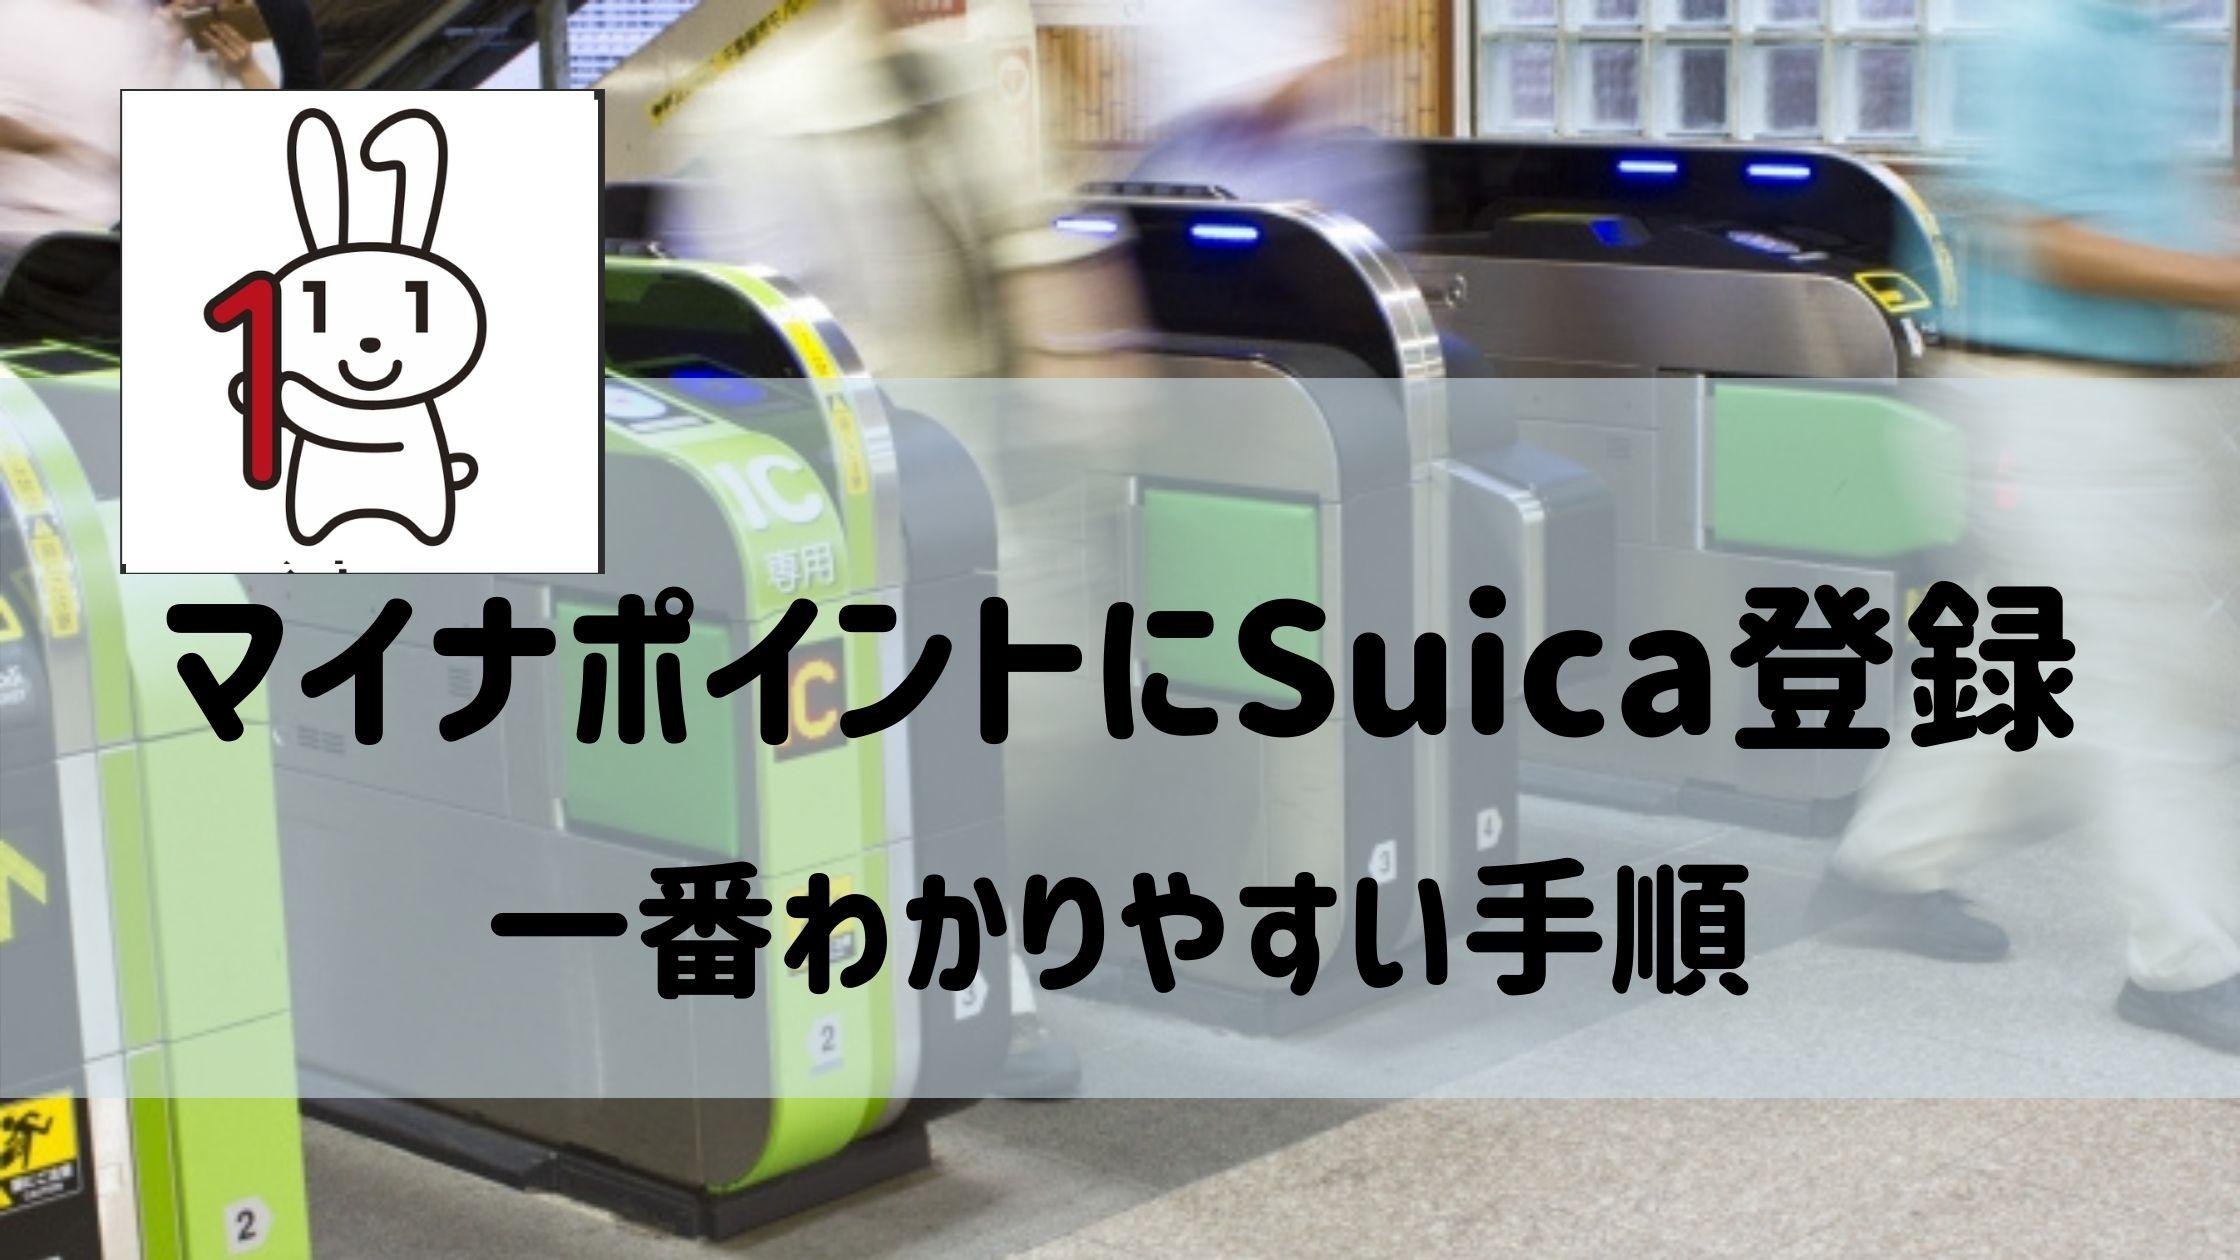 マイナポイント Suica ポイント還元 手順